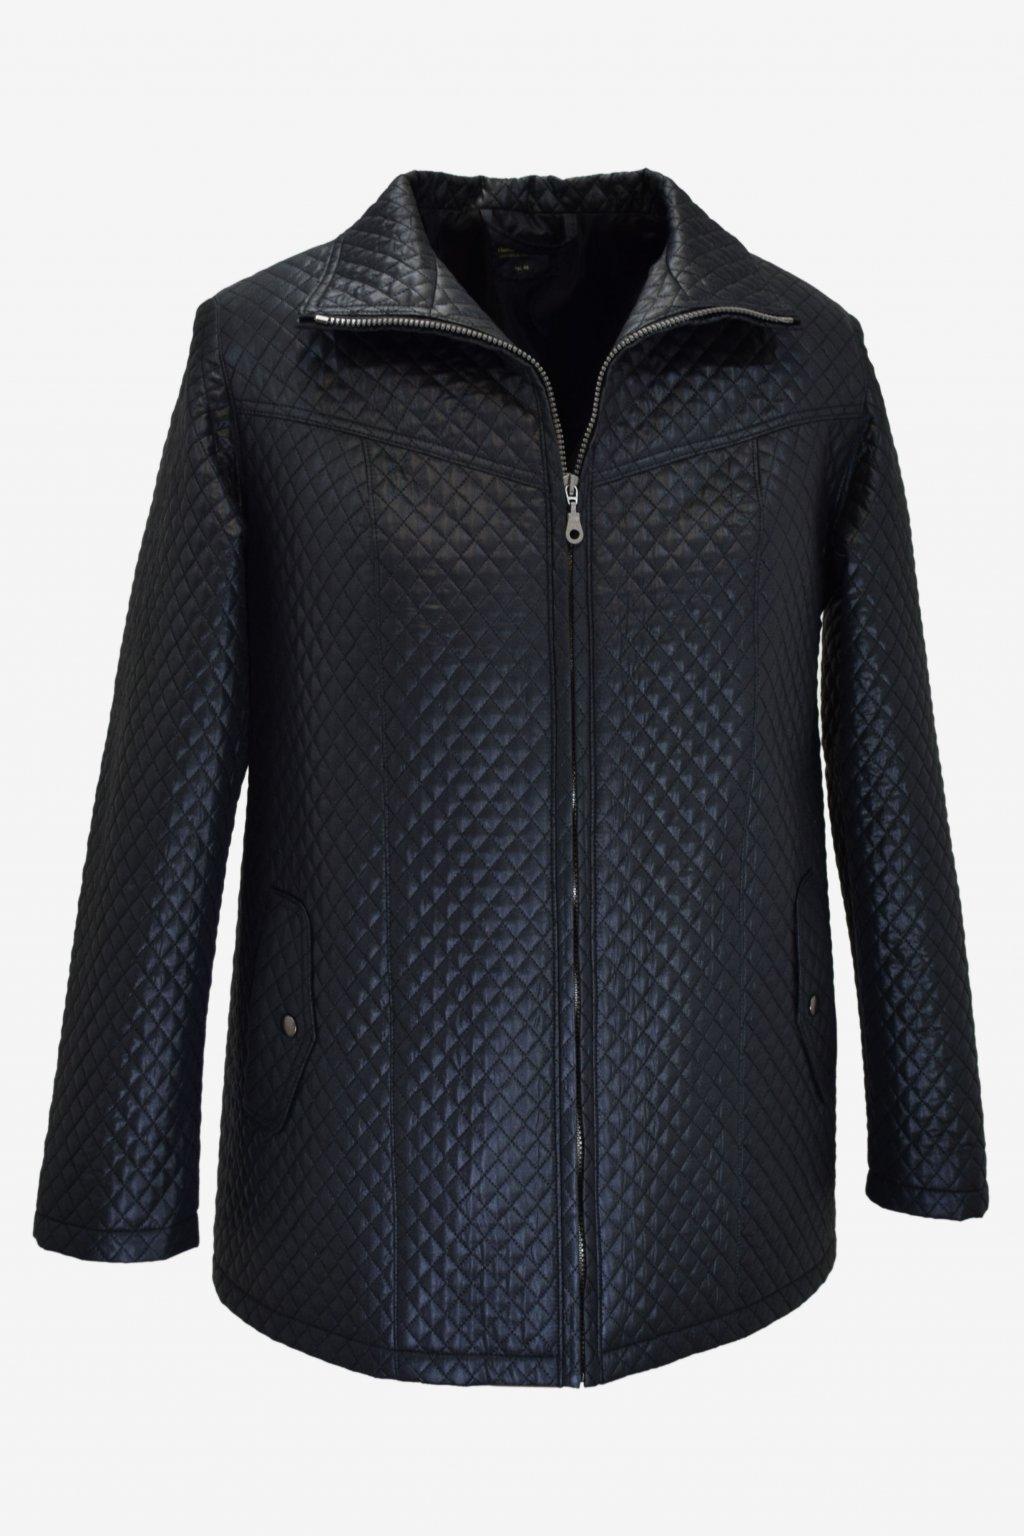 Dámská tmavě modrá přechodová bunda Ilona nadměrné velikosti.